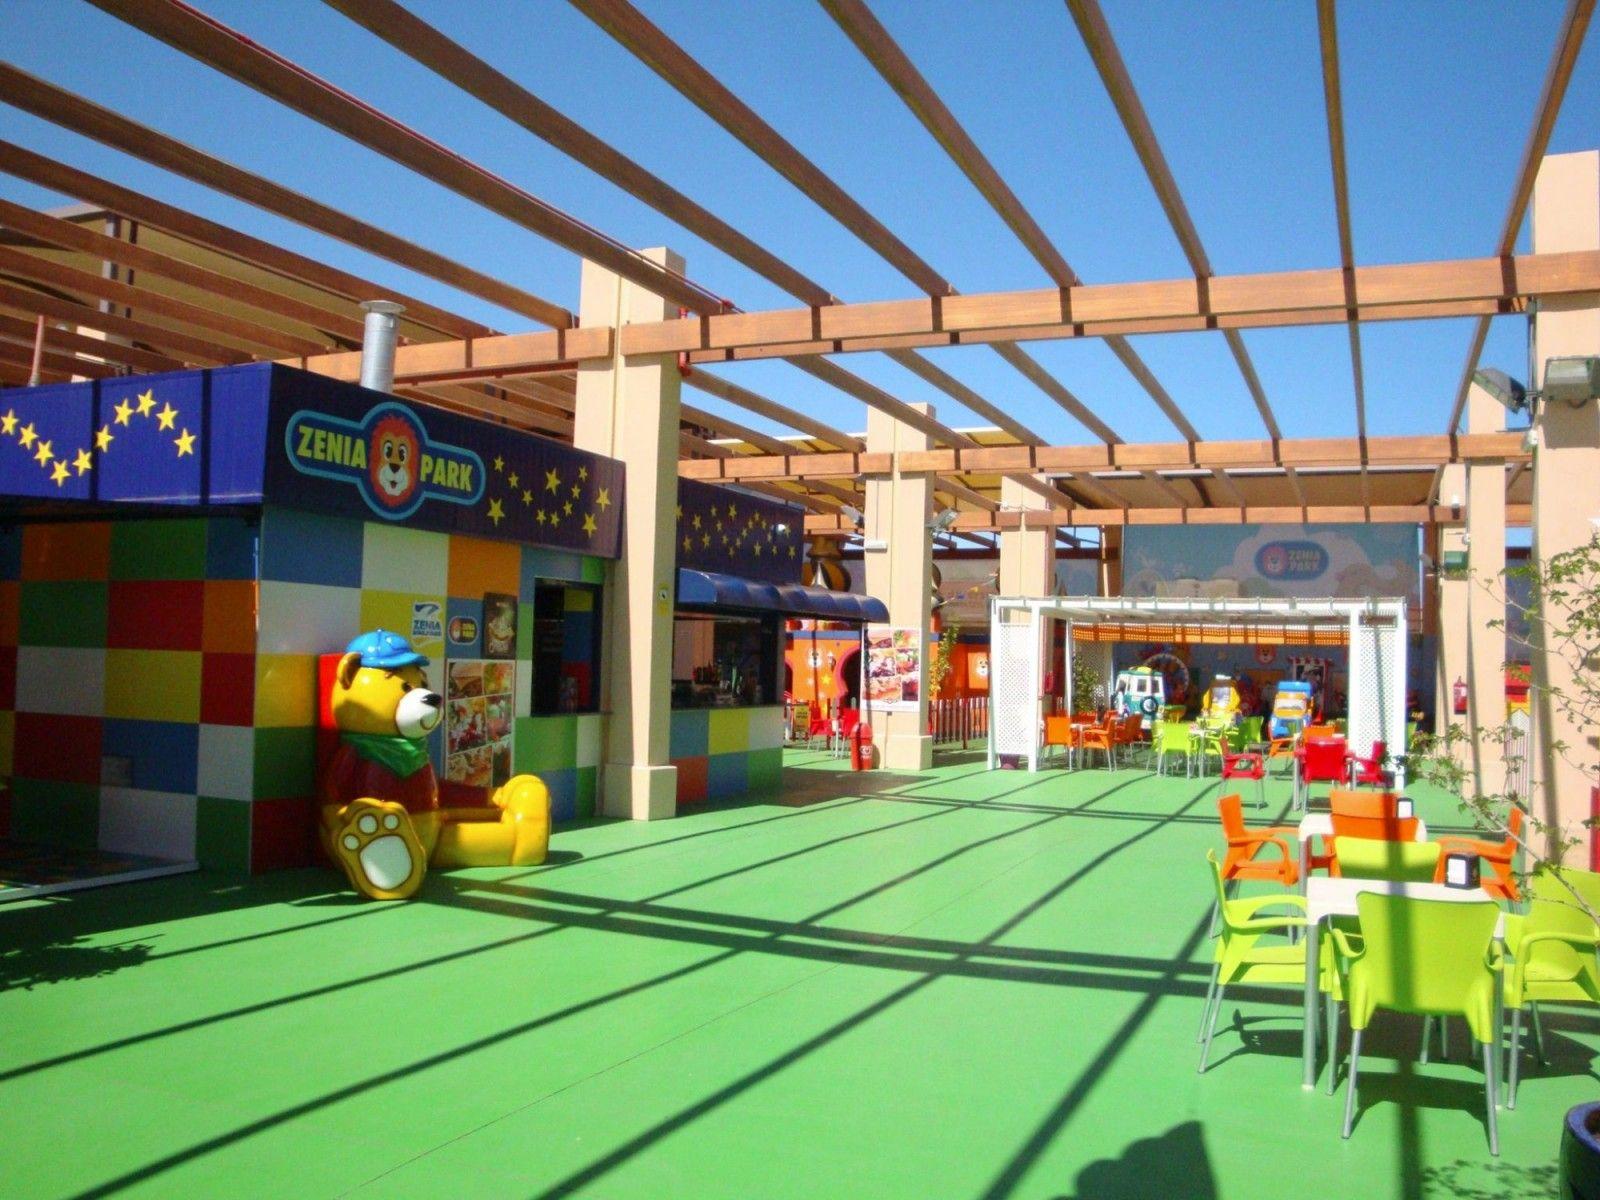 Zenia Boulevard - Centro Comercial en Orihuela Costa - Alicante - Parque Infantil Zenia Park